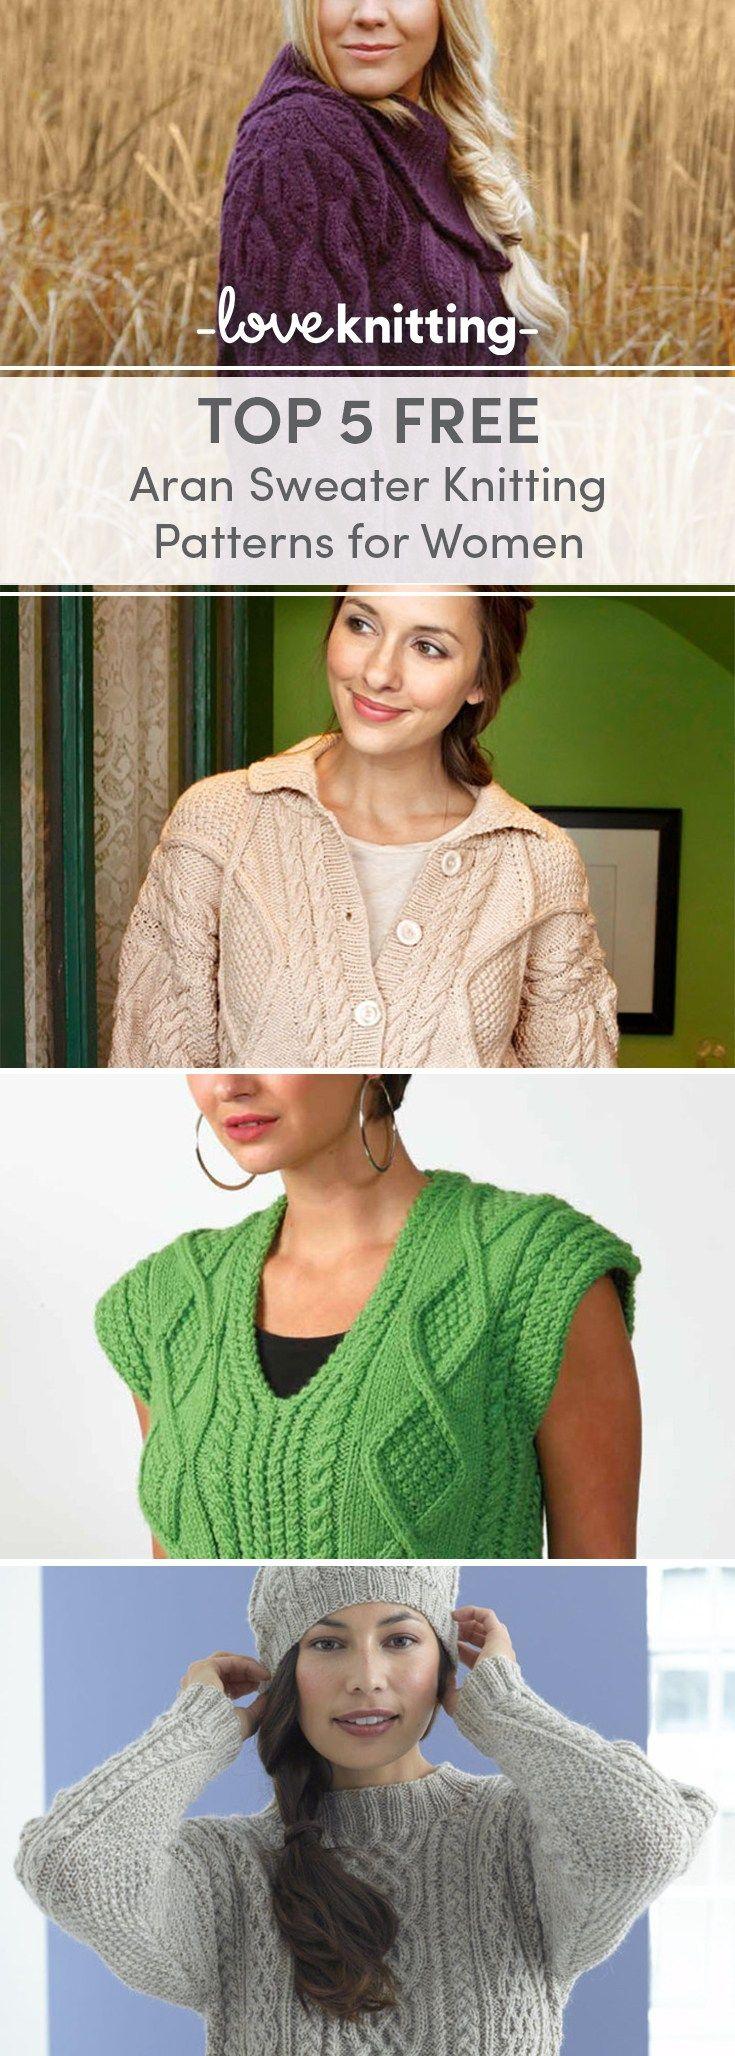 Aran Knitting Patterns Free Irish Top 5 Free Aran Knitting ...